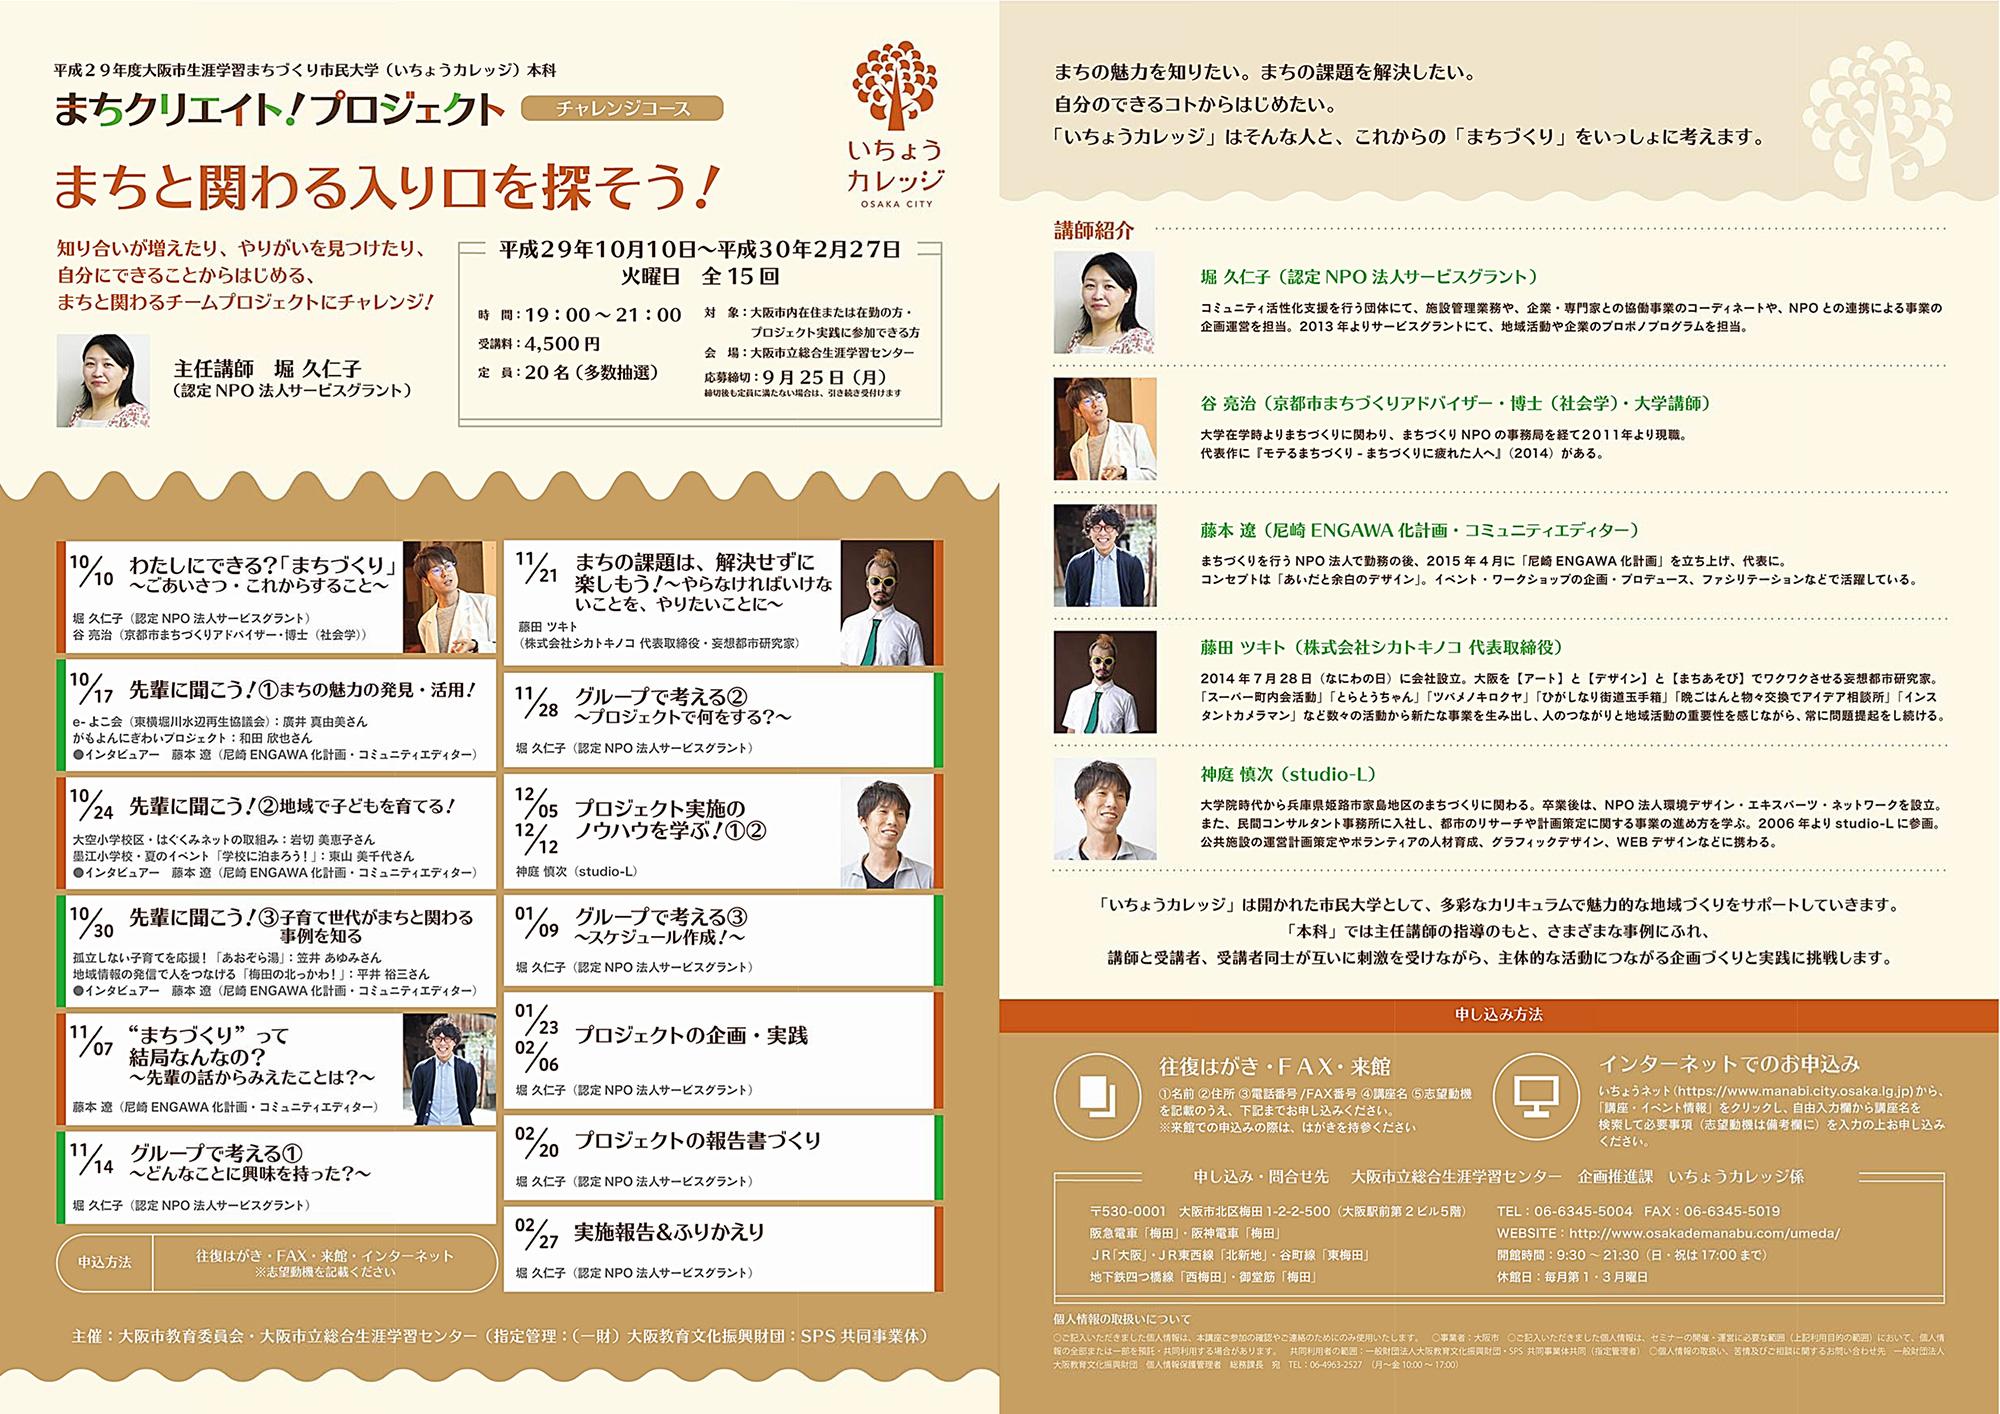 いちょうカレッジ本科「まちクリエイト!プロジェクト」藤田ツキトが講演